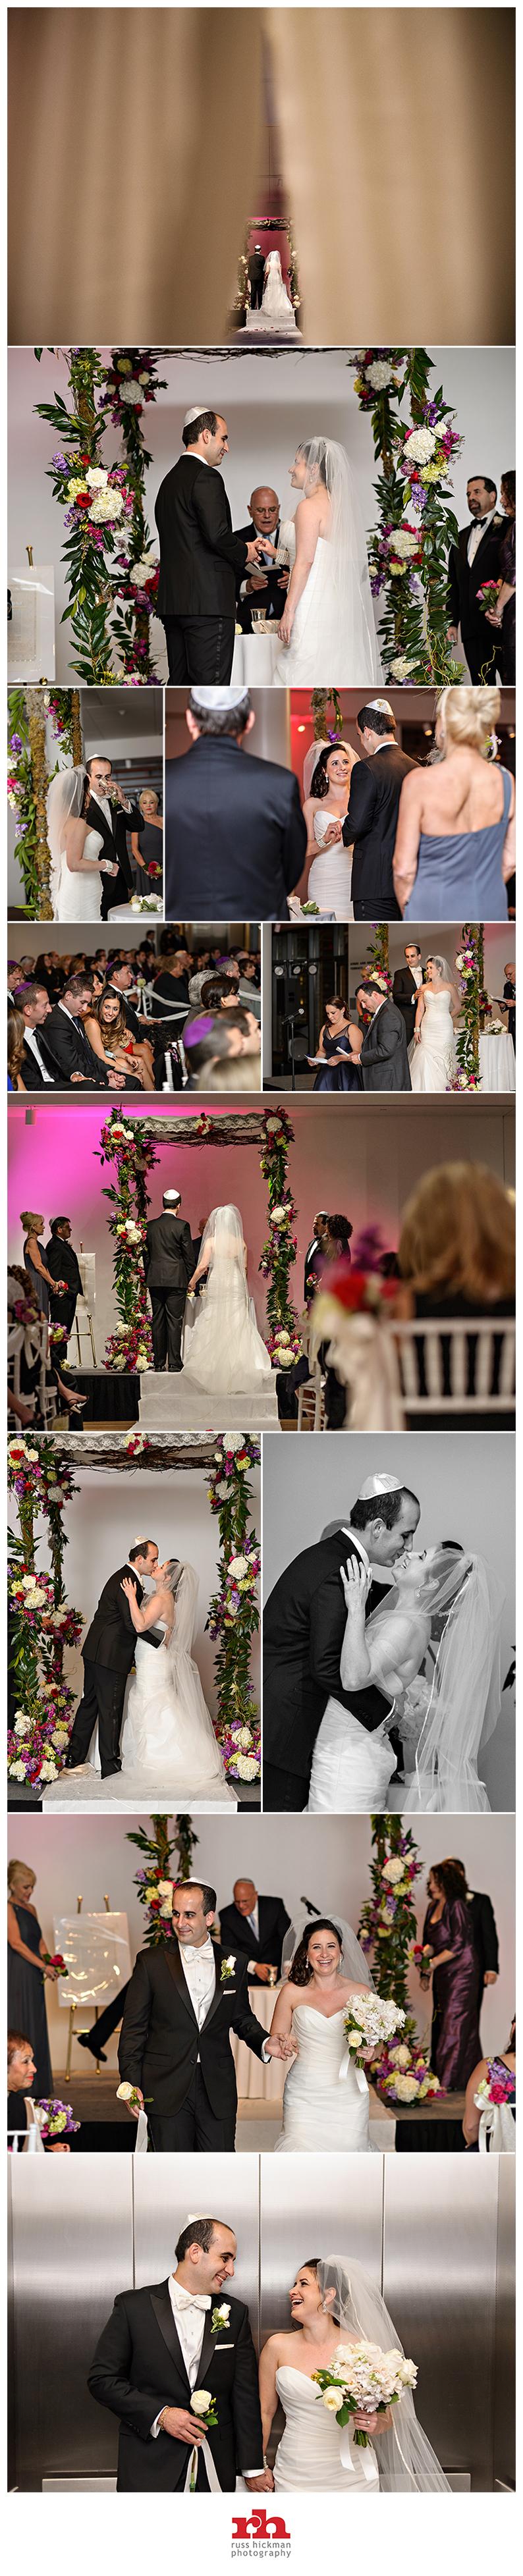 Philadelphia Wedding Photographer JAWBlog010